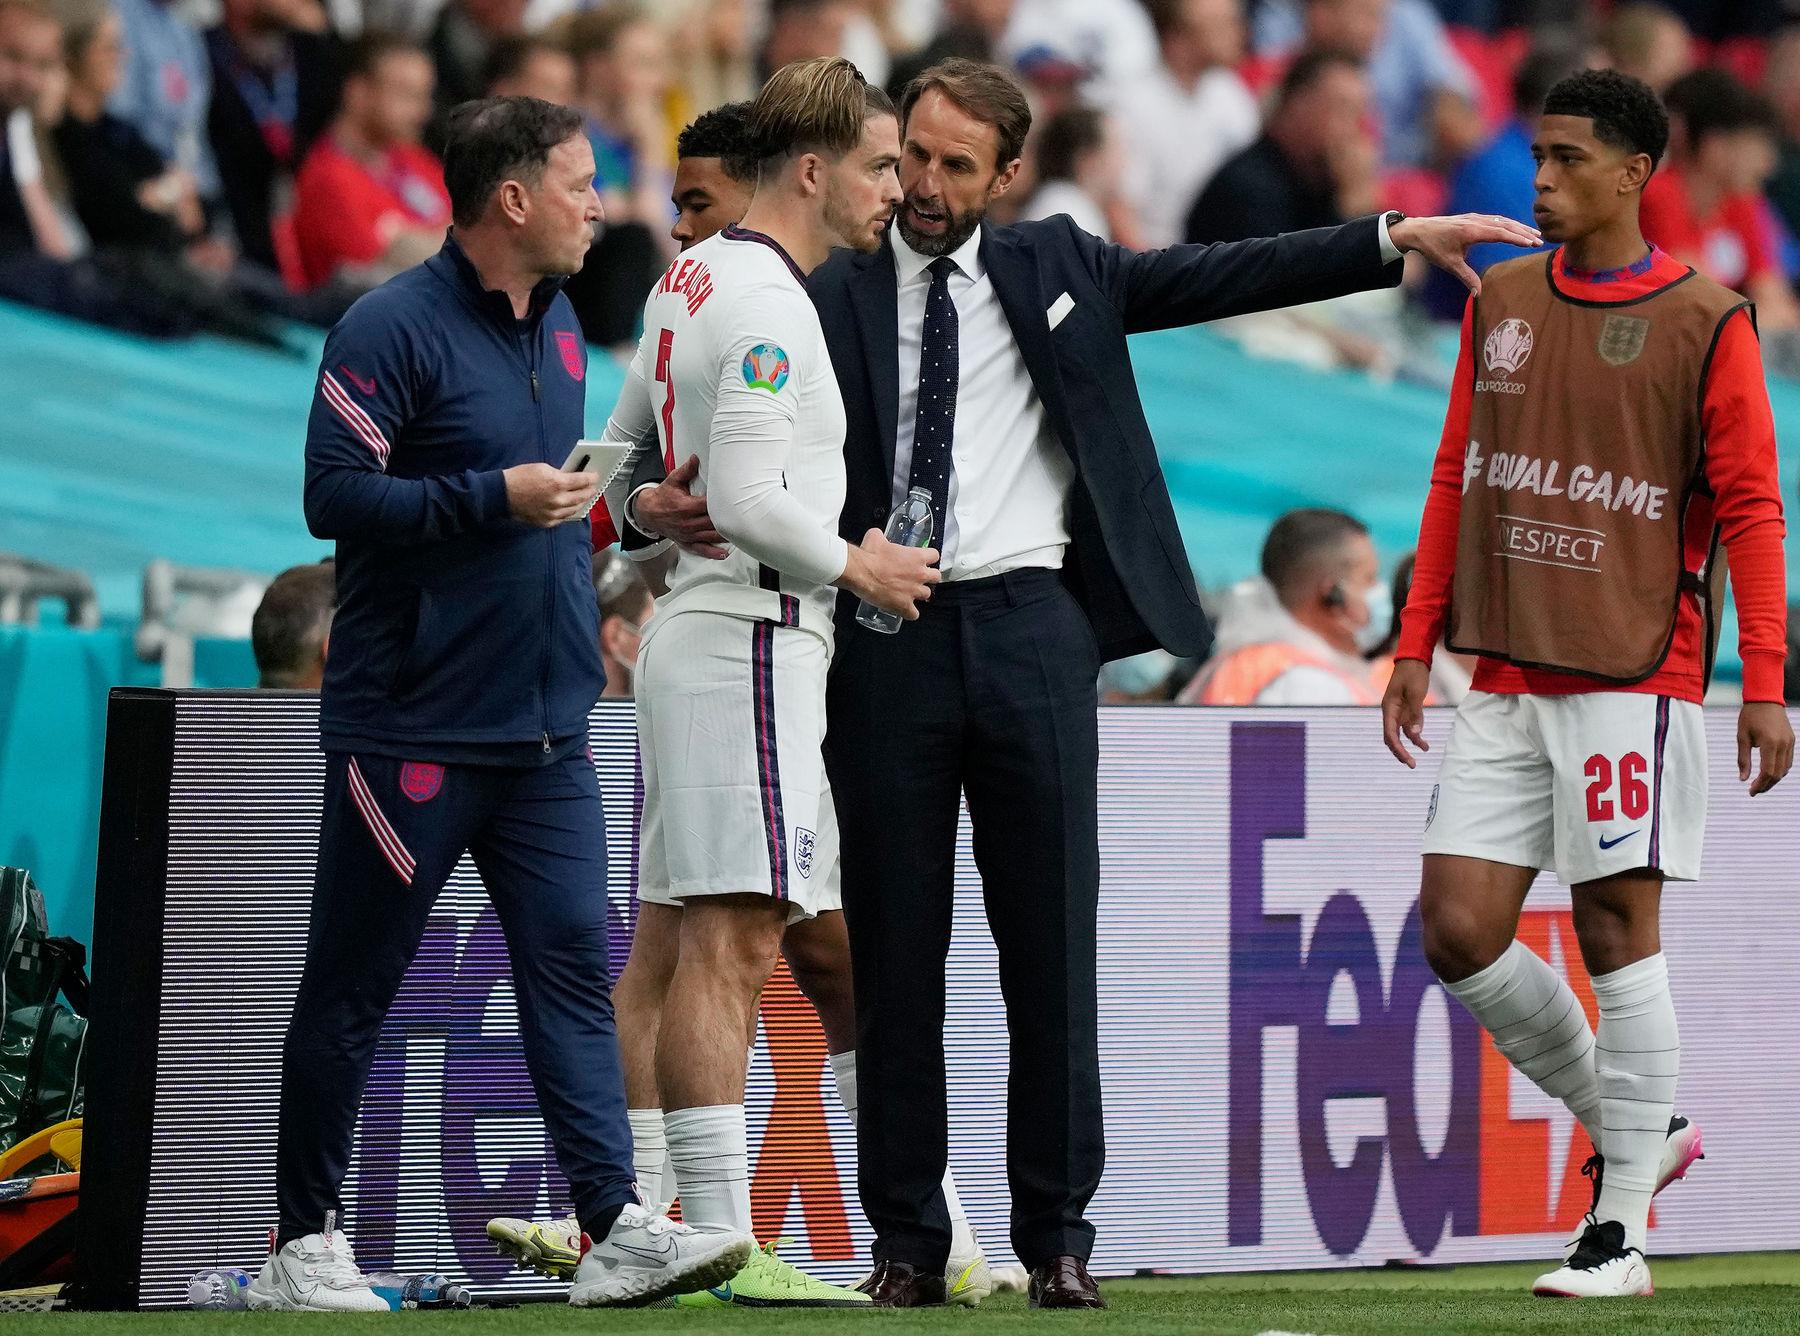 Почему Манчестер Сити заплатил 100 миллионов фунтов за Джека Грилиша - изображение 3